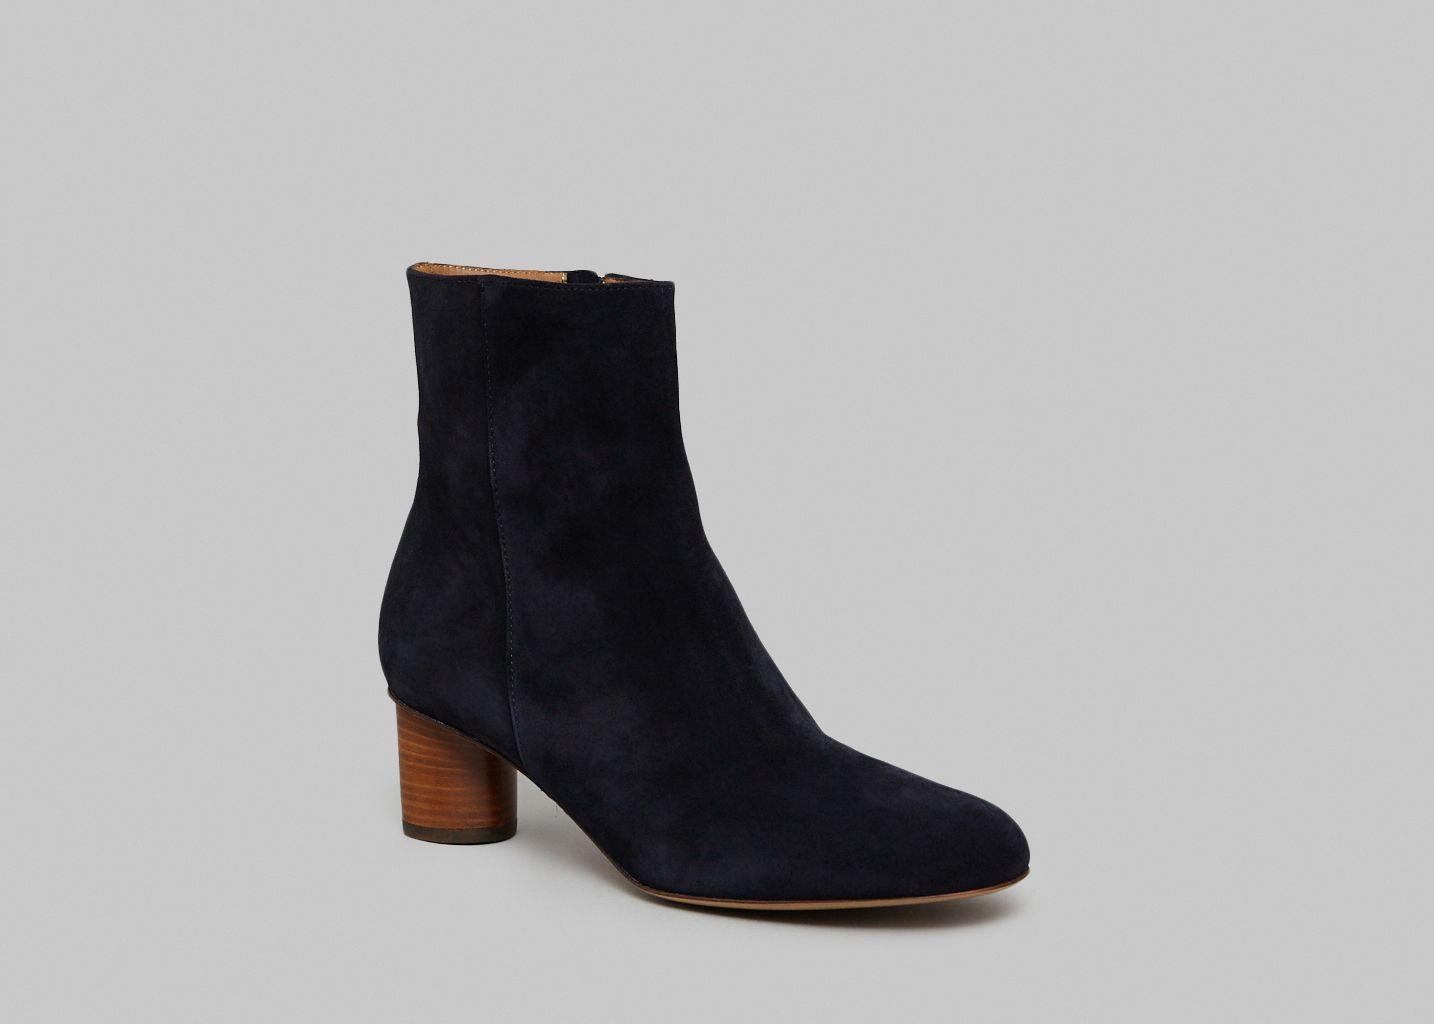 Boots Patricia - Jérôme Dreyfuss